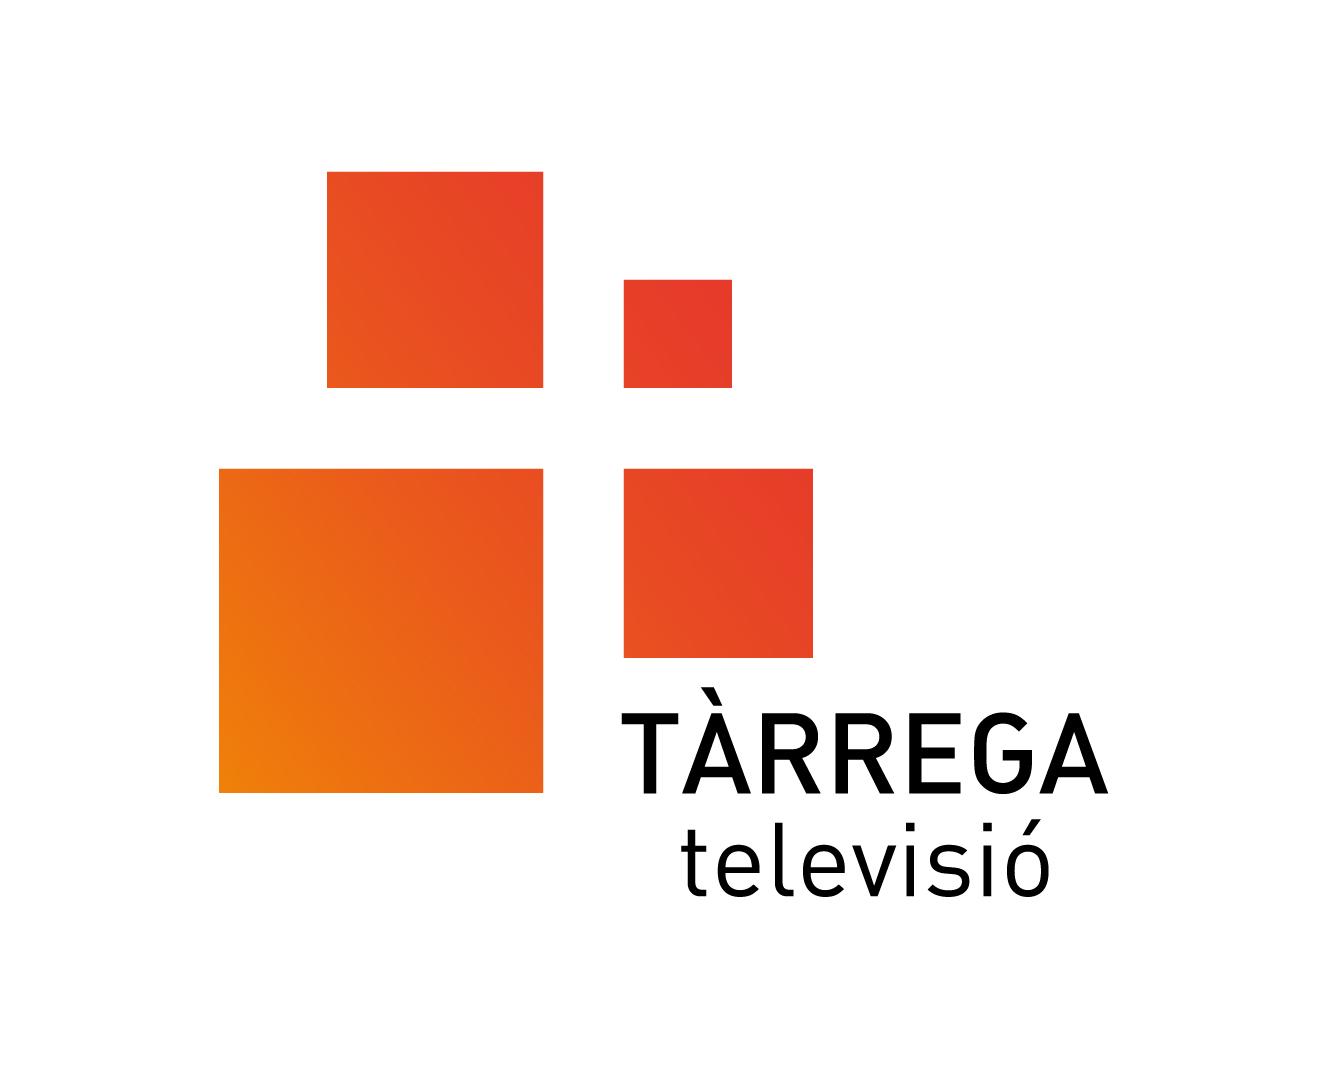 TA--RREGA-TV